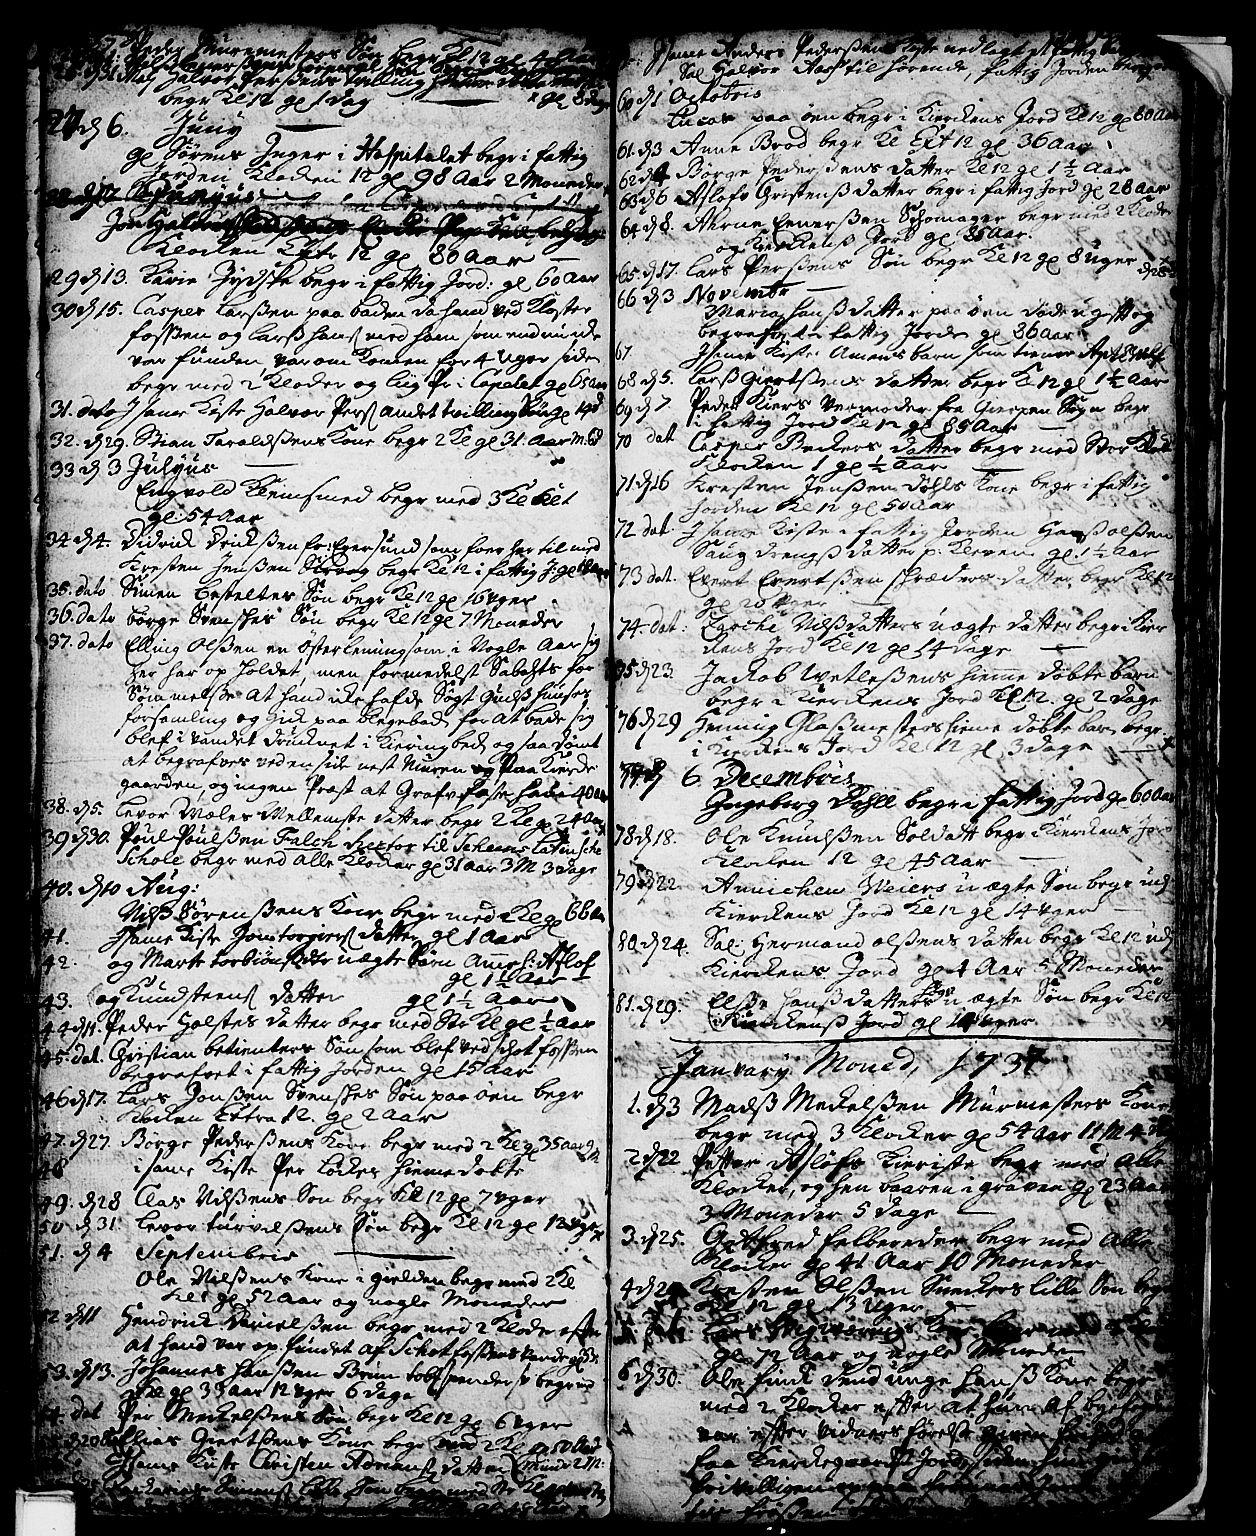 SAKO, Skien kirkebøker, F/Fa/L0002: Ministerialbok nr. 2, 1716-1757, s. 204